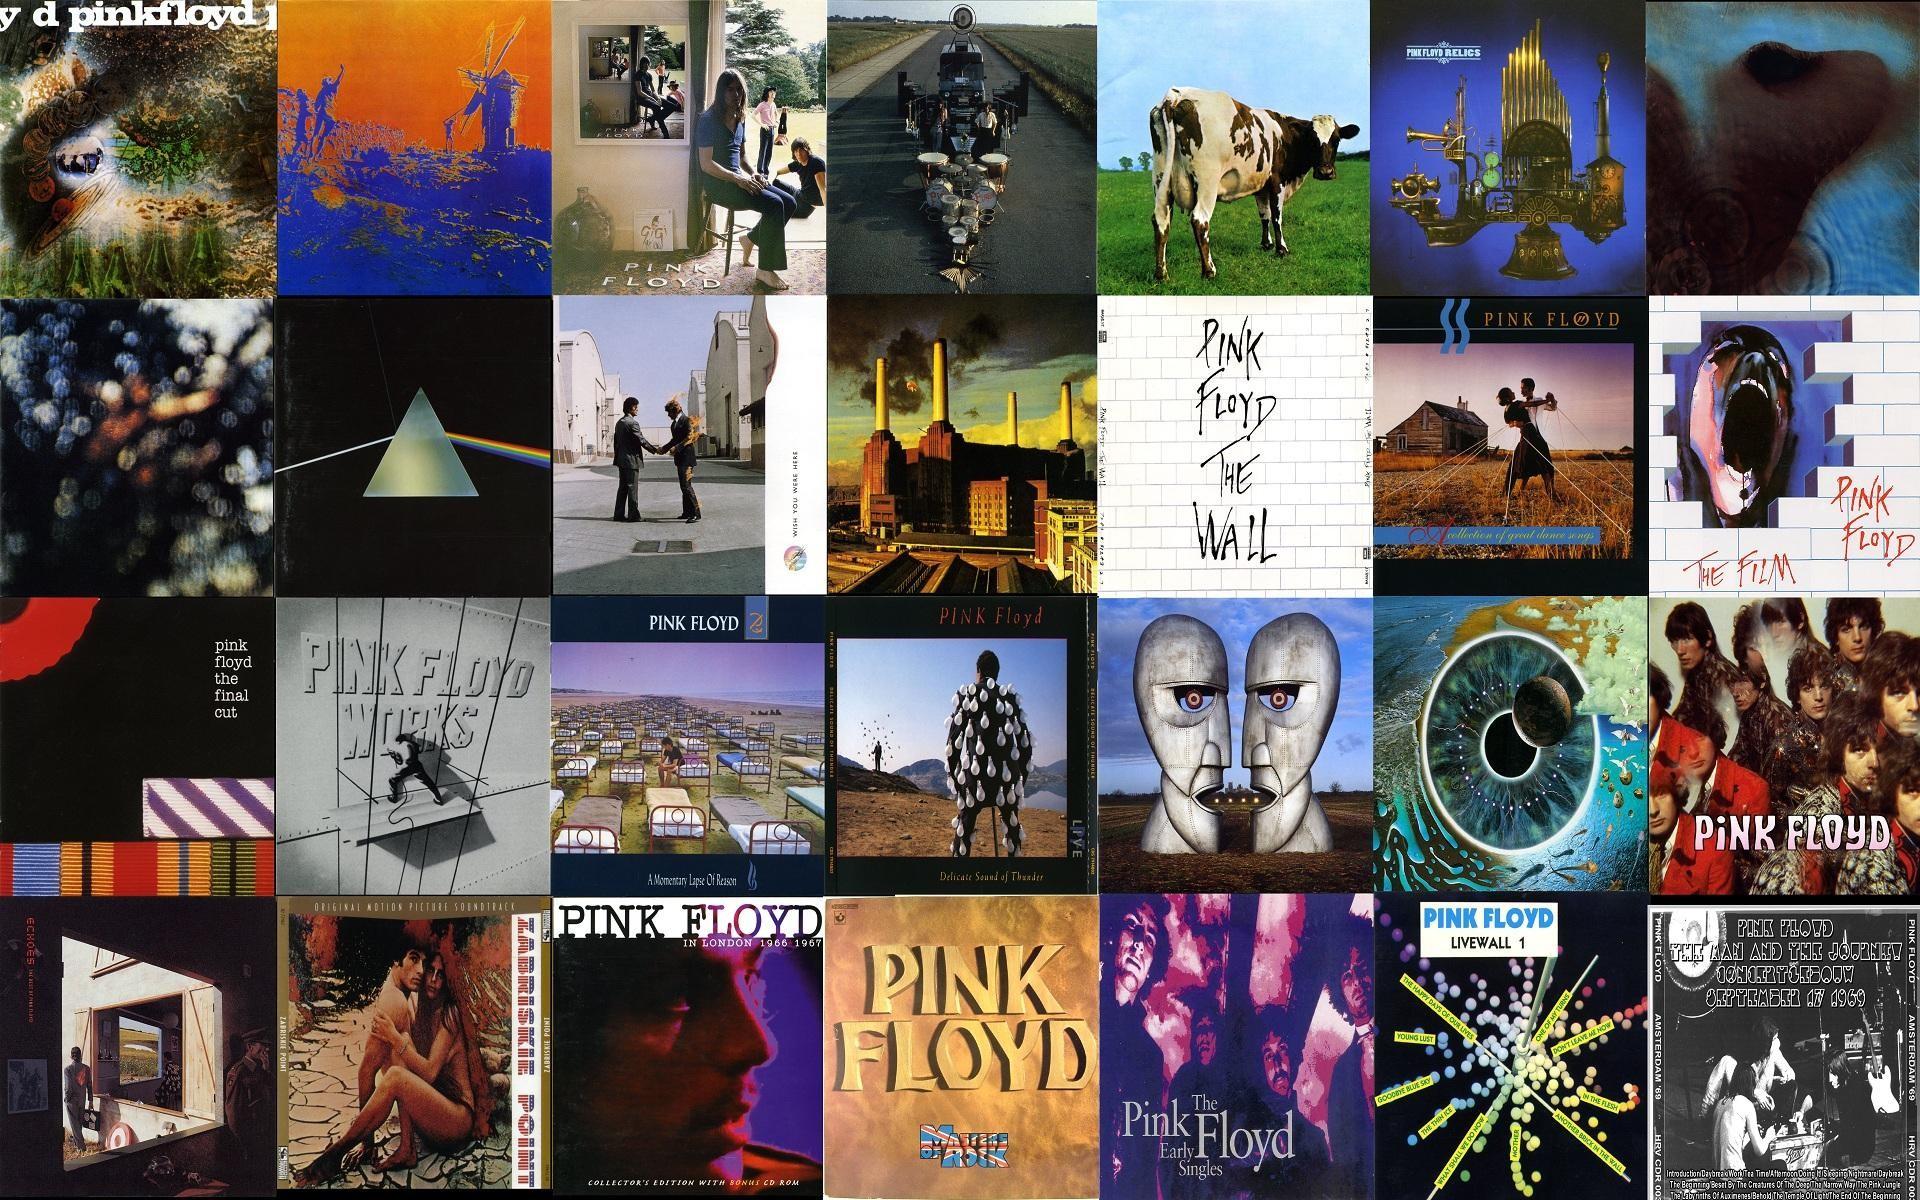 Pink Floyd 1080p